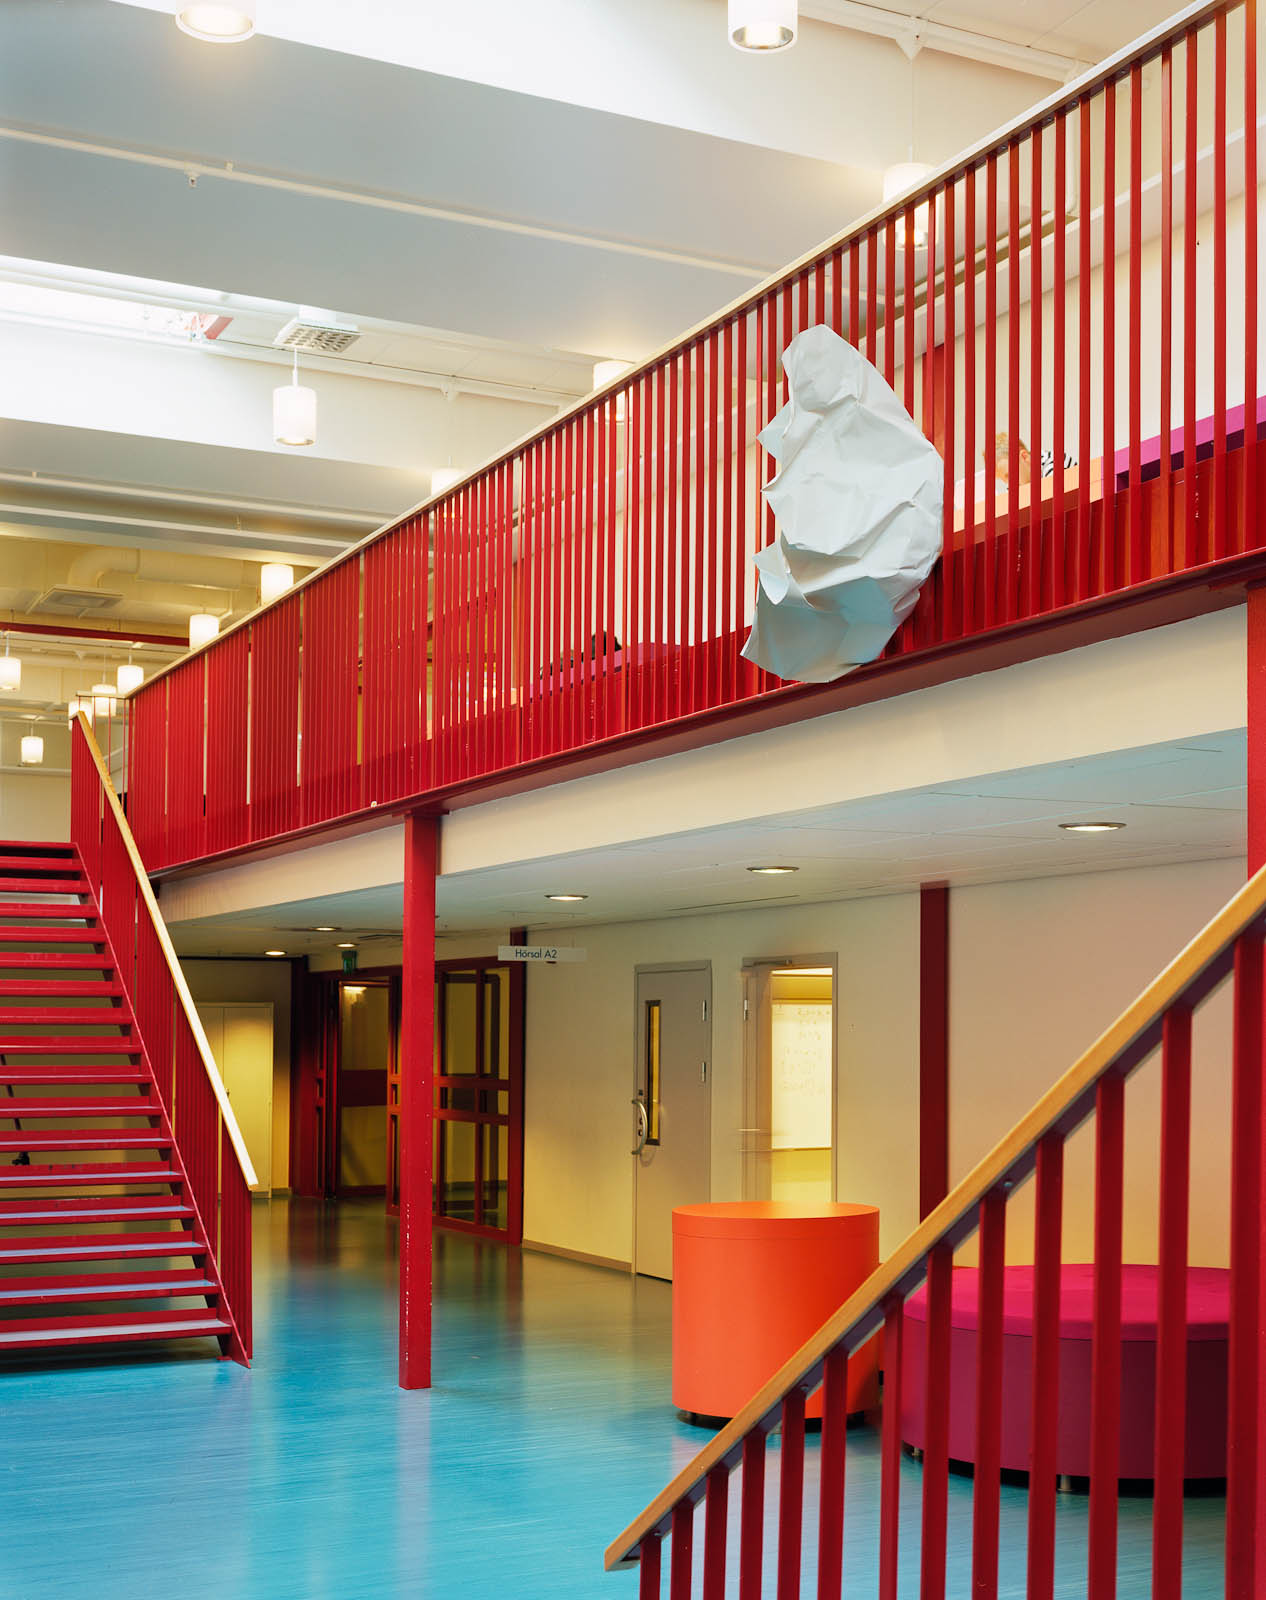 Stort hopknycklat papper fäst på andra våningens röda balkongräcke. Julia Peirone, Sharphead